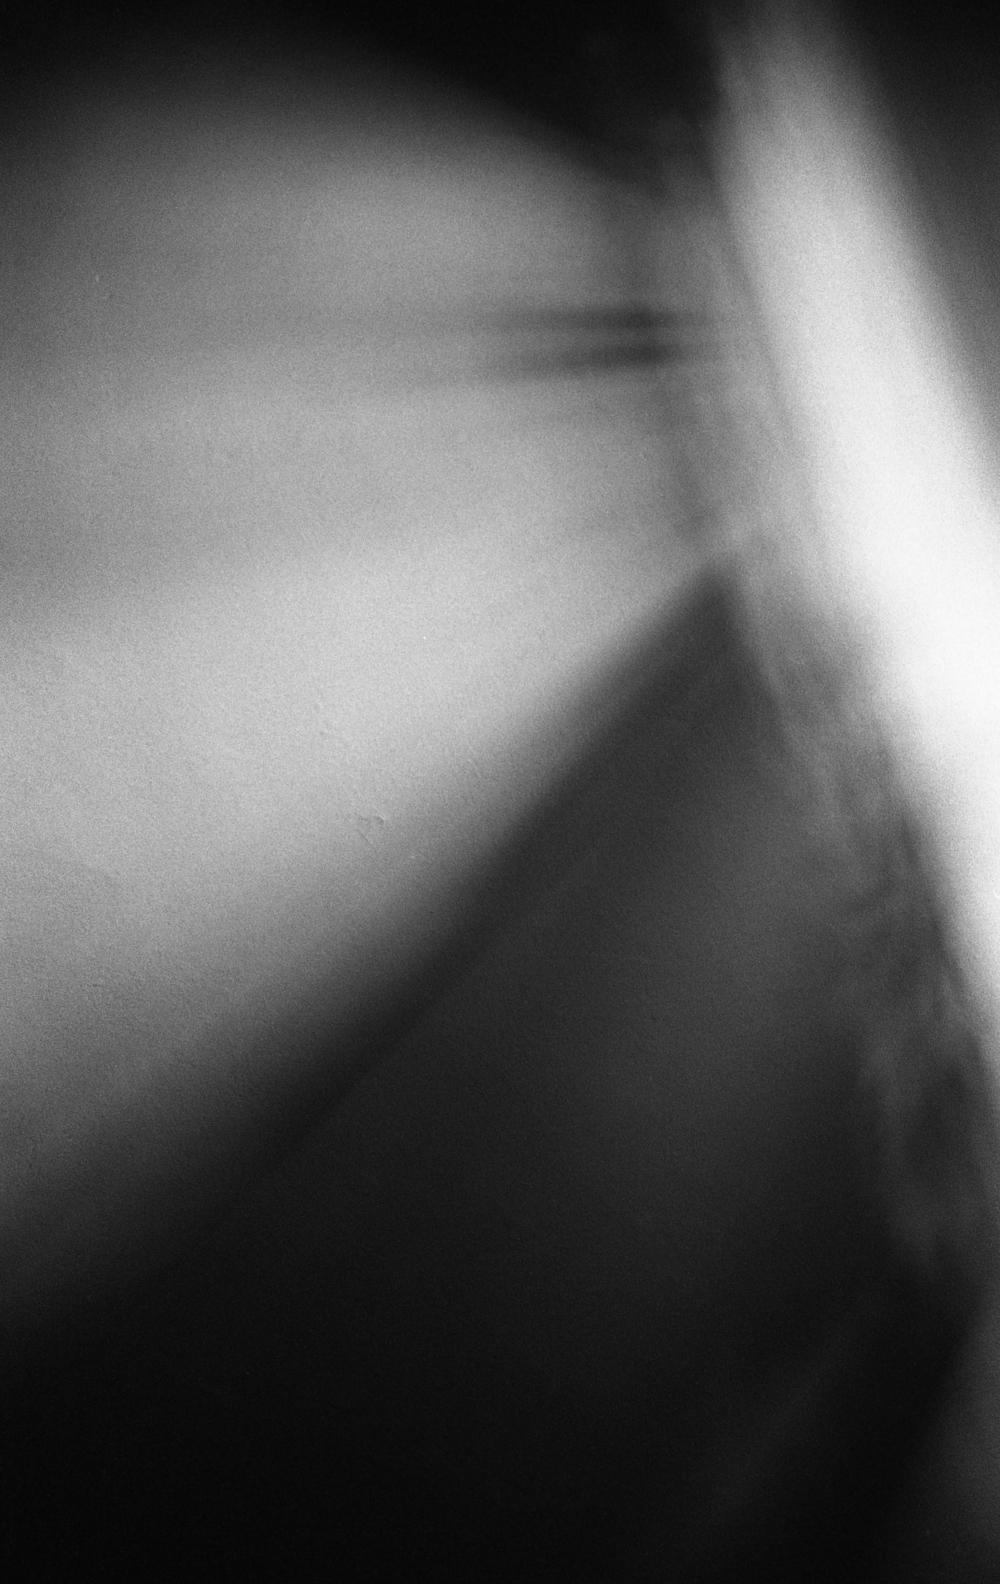 P3215 (ceiling light).jpg